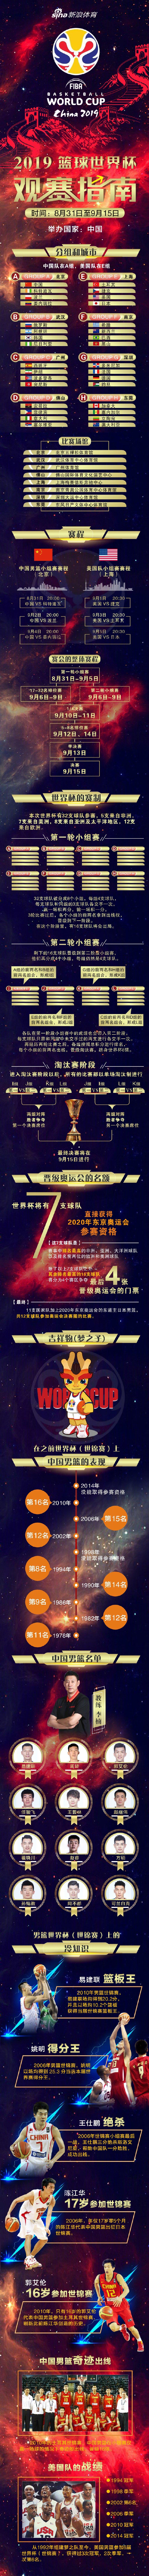 2019男篮世界杯观赛指南(分组情况 具体赛程 晋级规则 中国男篮历史表现)